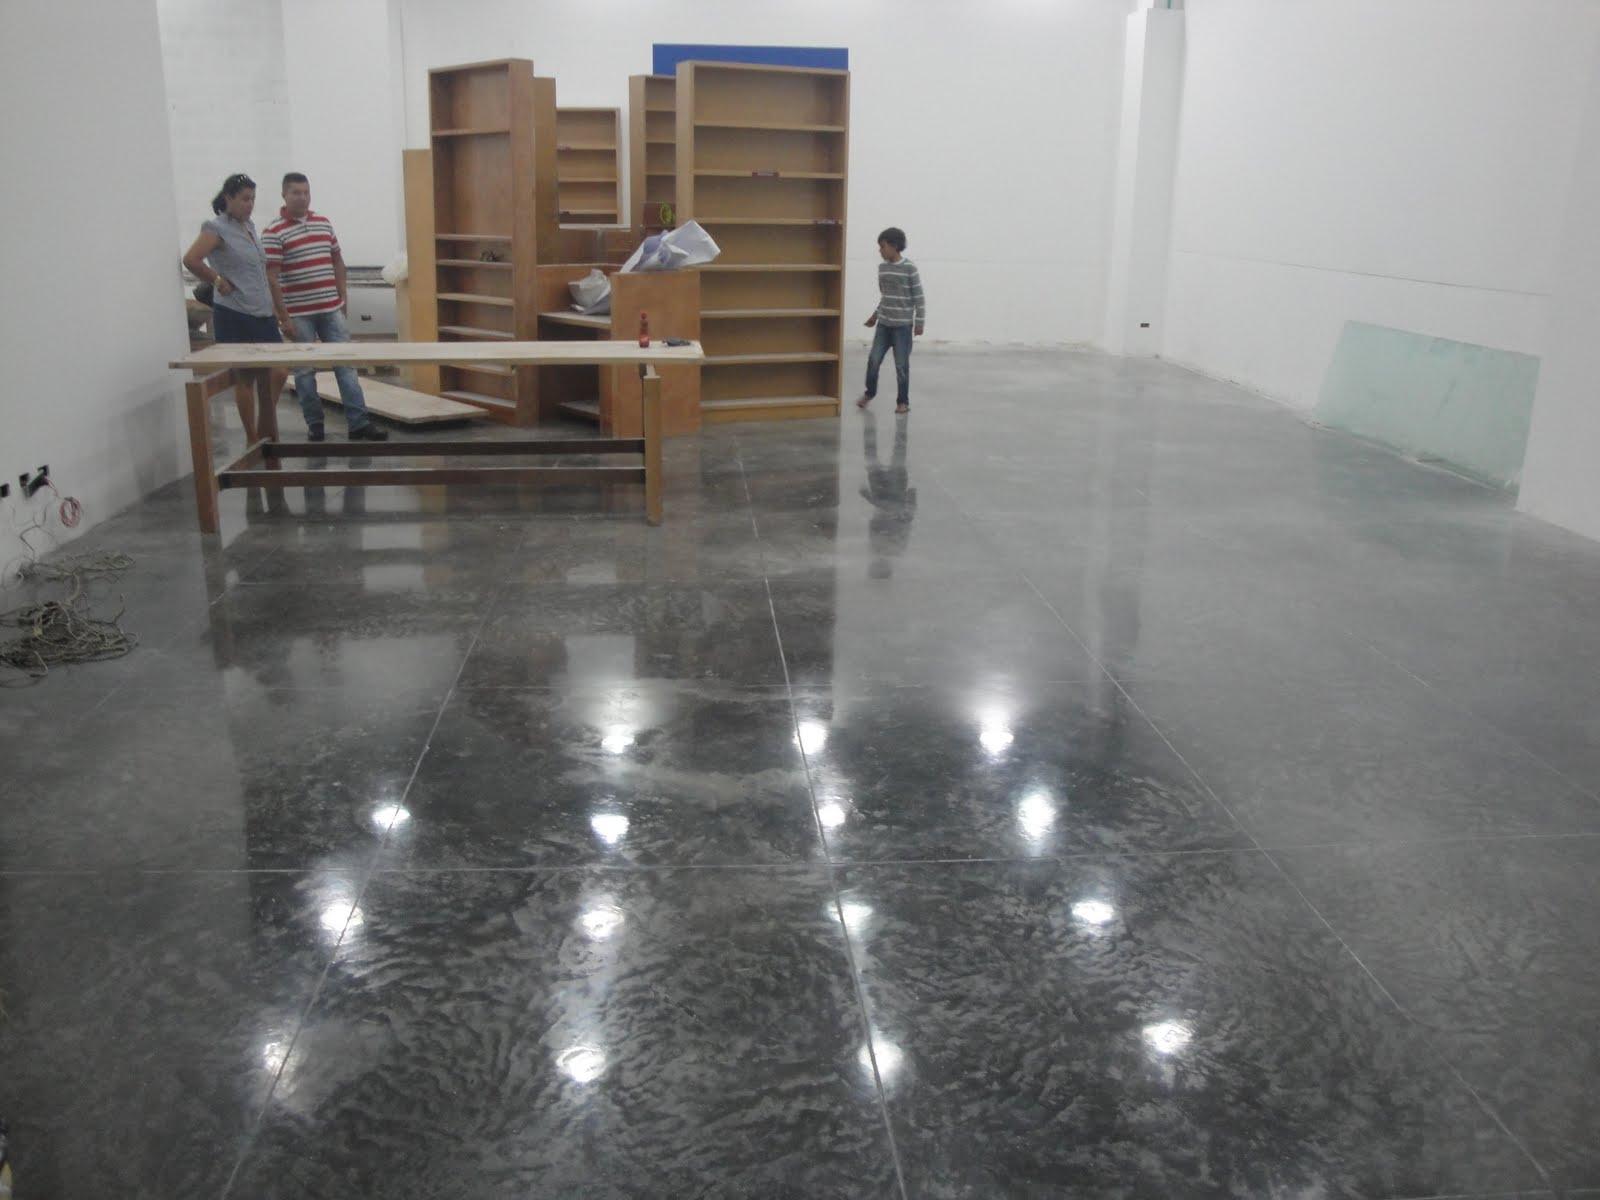 pisos en concreto pulido